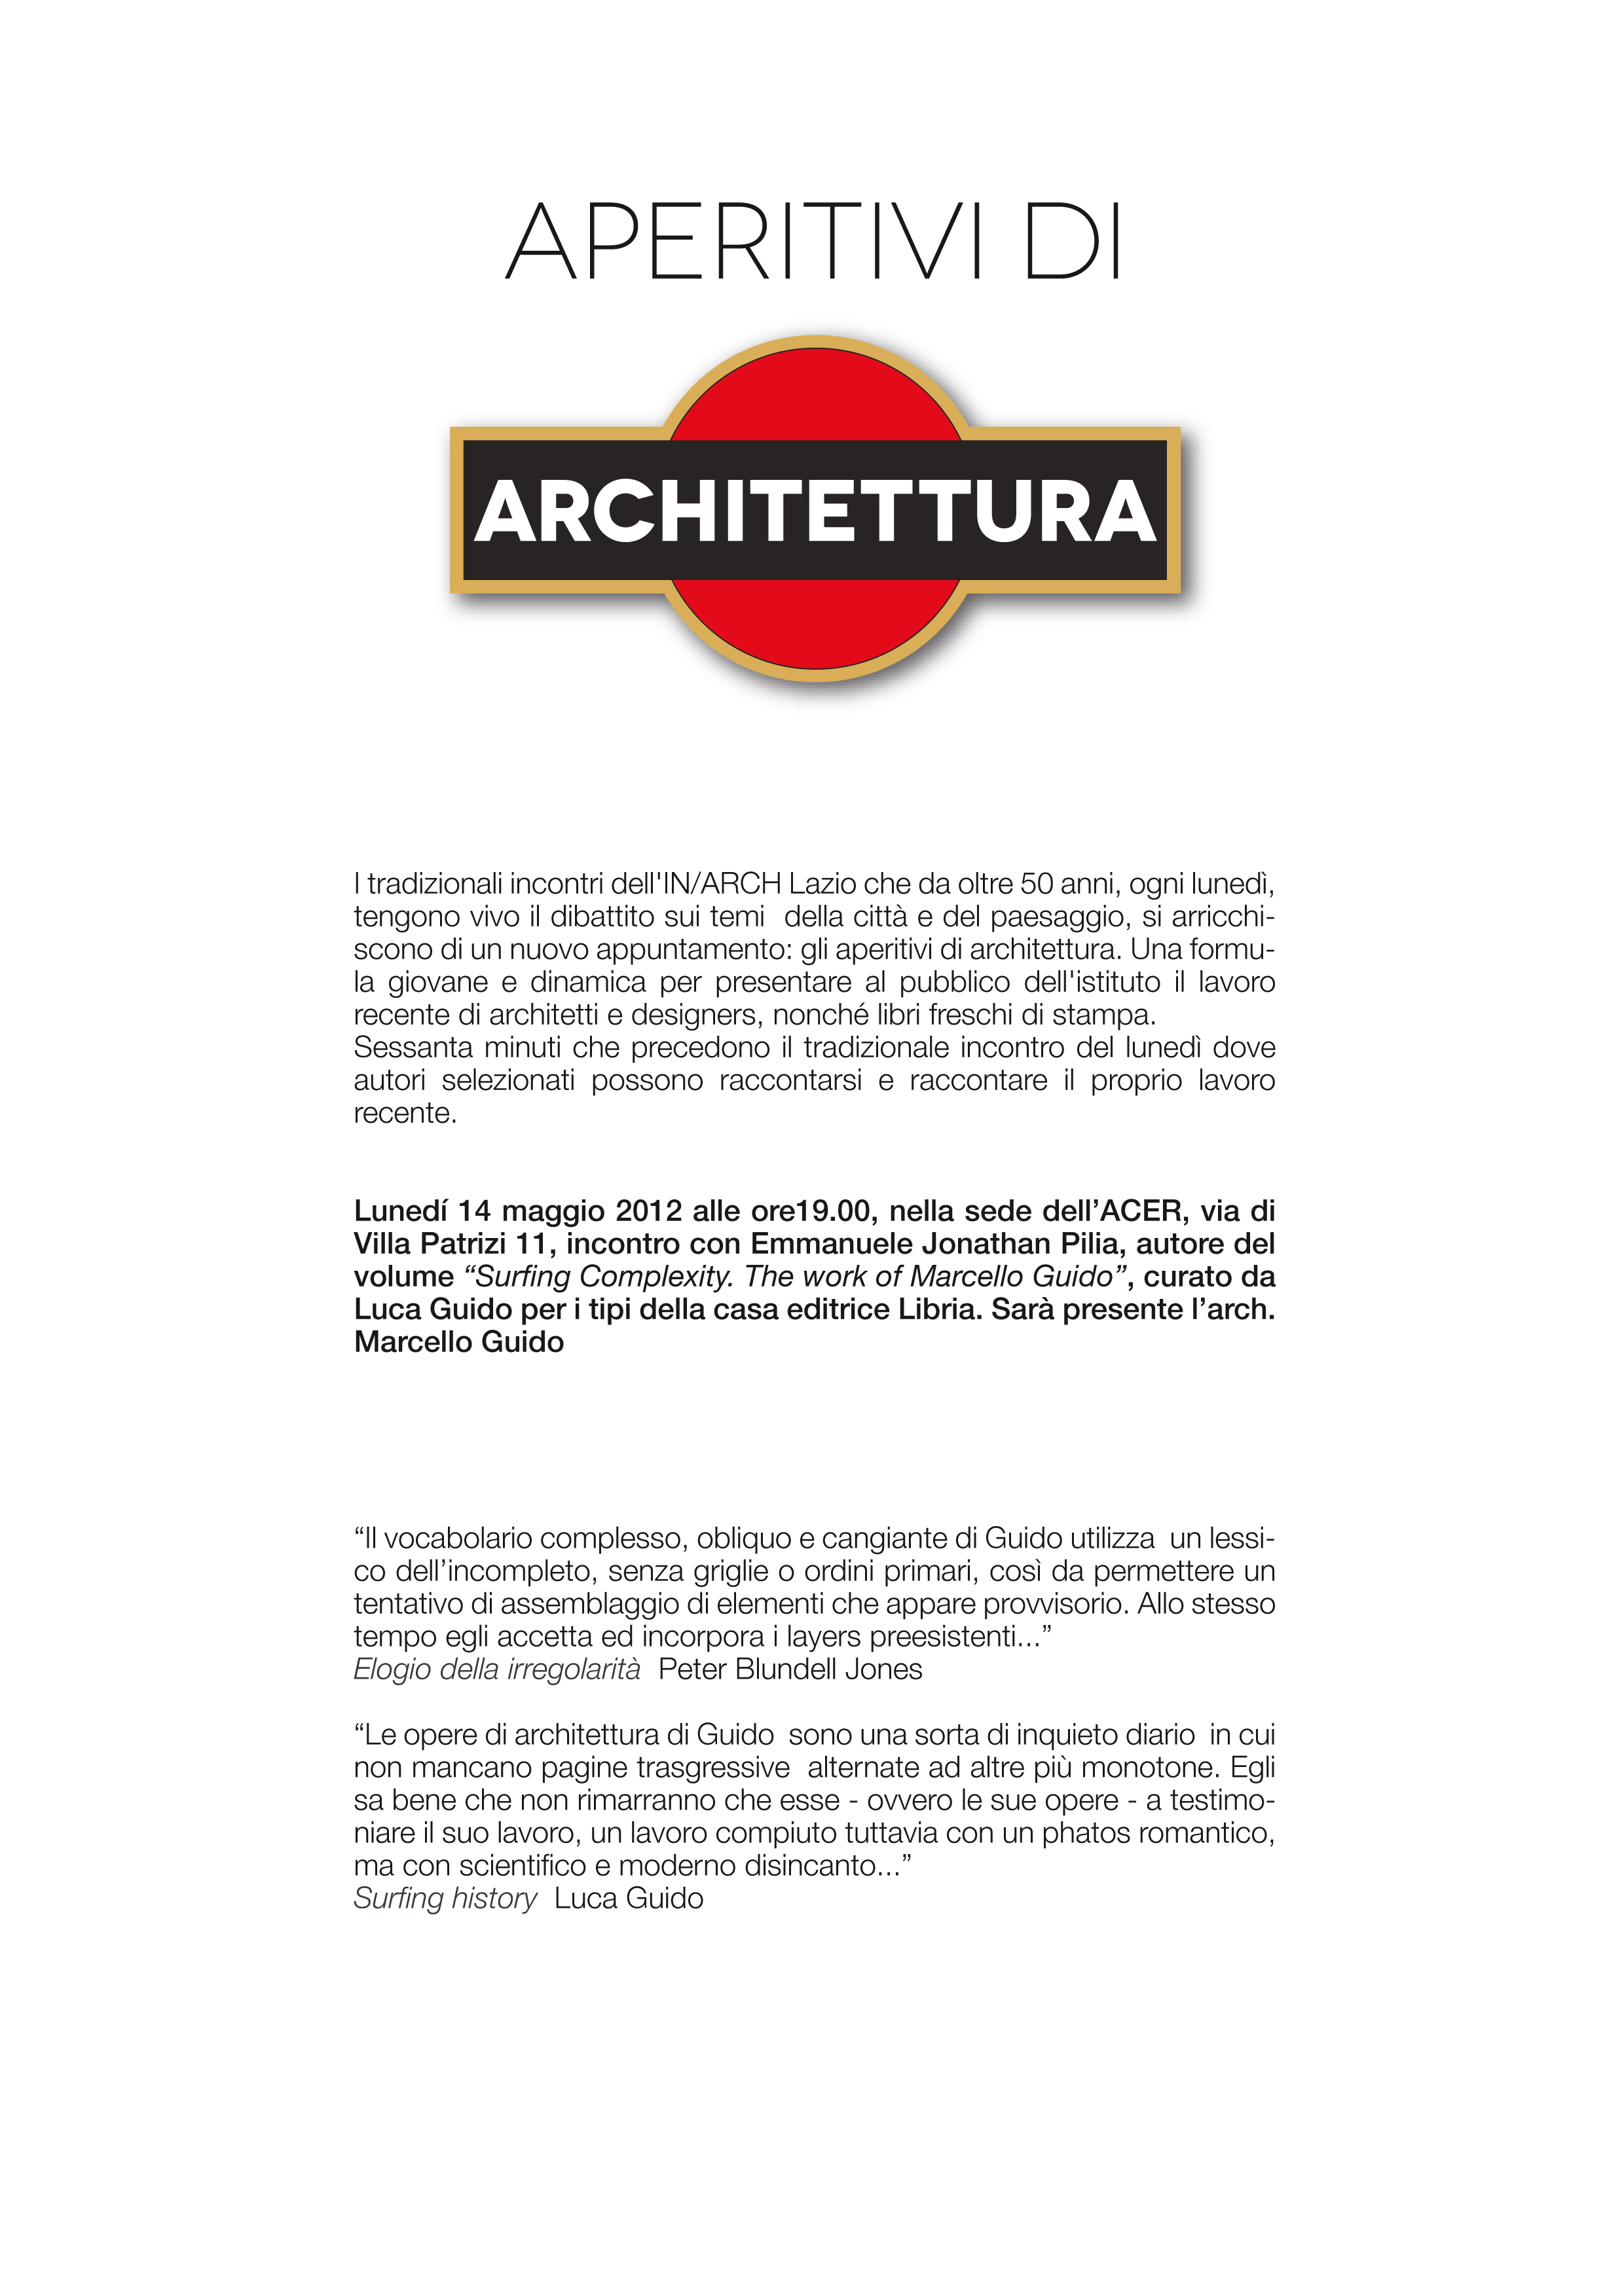 Aperitivi di architettura-guido